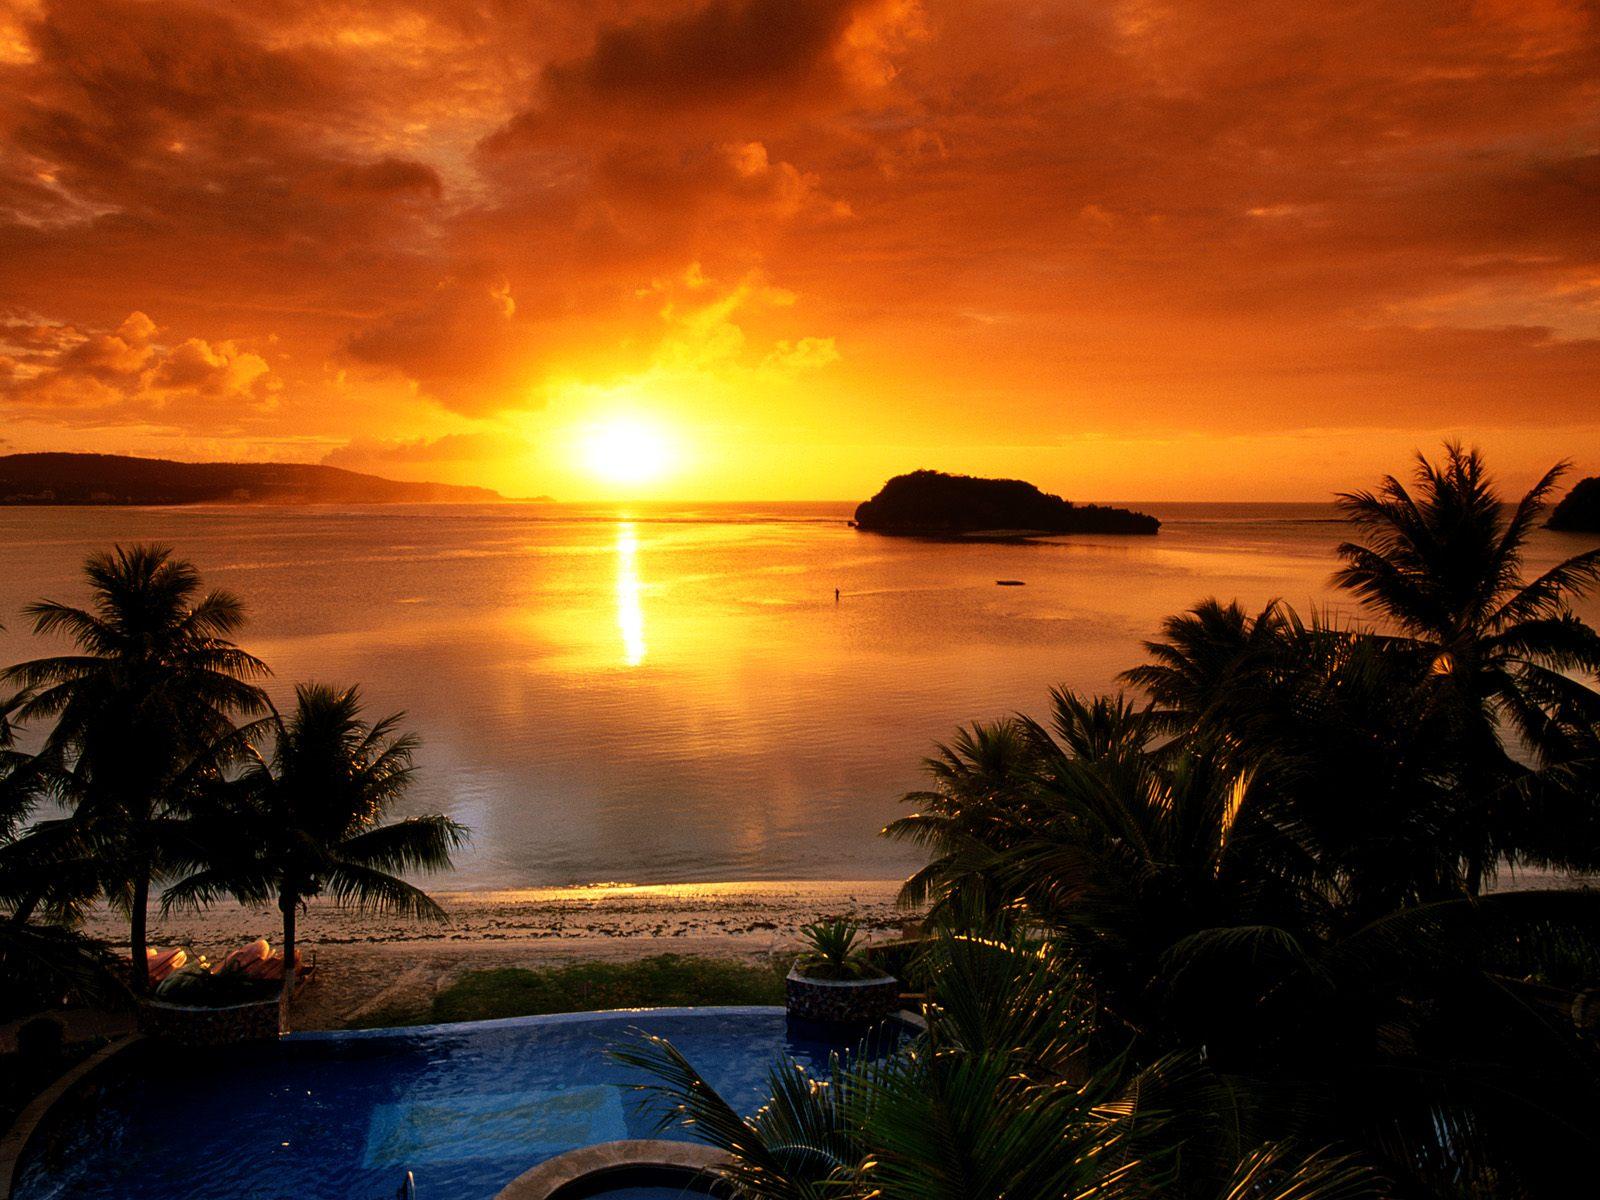 Закаты солнца - фотогалерея №7...